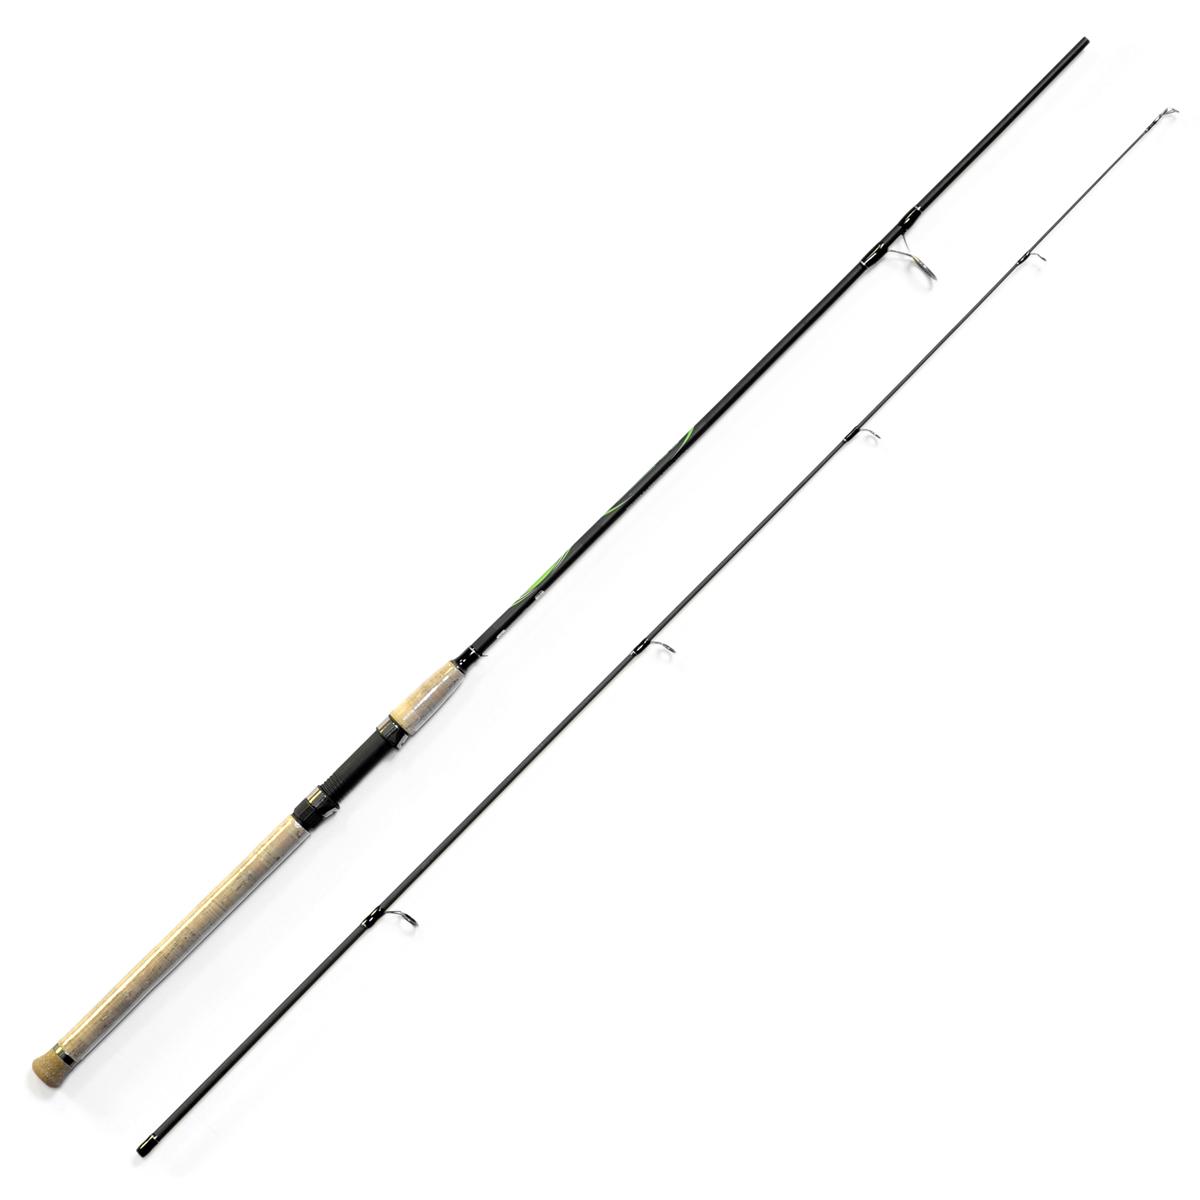 Спиннинг Salmo Sniper SPIN 30 2.40, длина 2,4м, 10-30гPGPS7797CIS08GBNVУниверсальный спиннинг средне-быстрого строя для ловли на различные приманки, изготовленный из композита. Бланк спиннинга укомплектован облегченными кольцами на высоких ножках со вставками SIC и элегантной рукояткой с пробковым покрытием и облегченным буфером на торце. Соединение колен спиннинга по типу OVER STEEK. Все спиннинги имеют одинаковый тест 10-30 г.- Материал бланка удилища – композит- Строй бланка средне-быстрый- Класс спиннинга M- Конструкция штекерная- Соединение колен типа OVER STEEK- Кольца пропускные:– облегченные большие– со вставками SIC– с расстановкой по классической концепции- Рукоятка:– пробковая- Катушкодержатель:– винтового типа- Проволочная петля для закрепления приманок